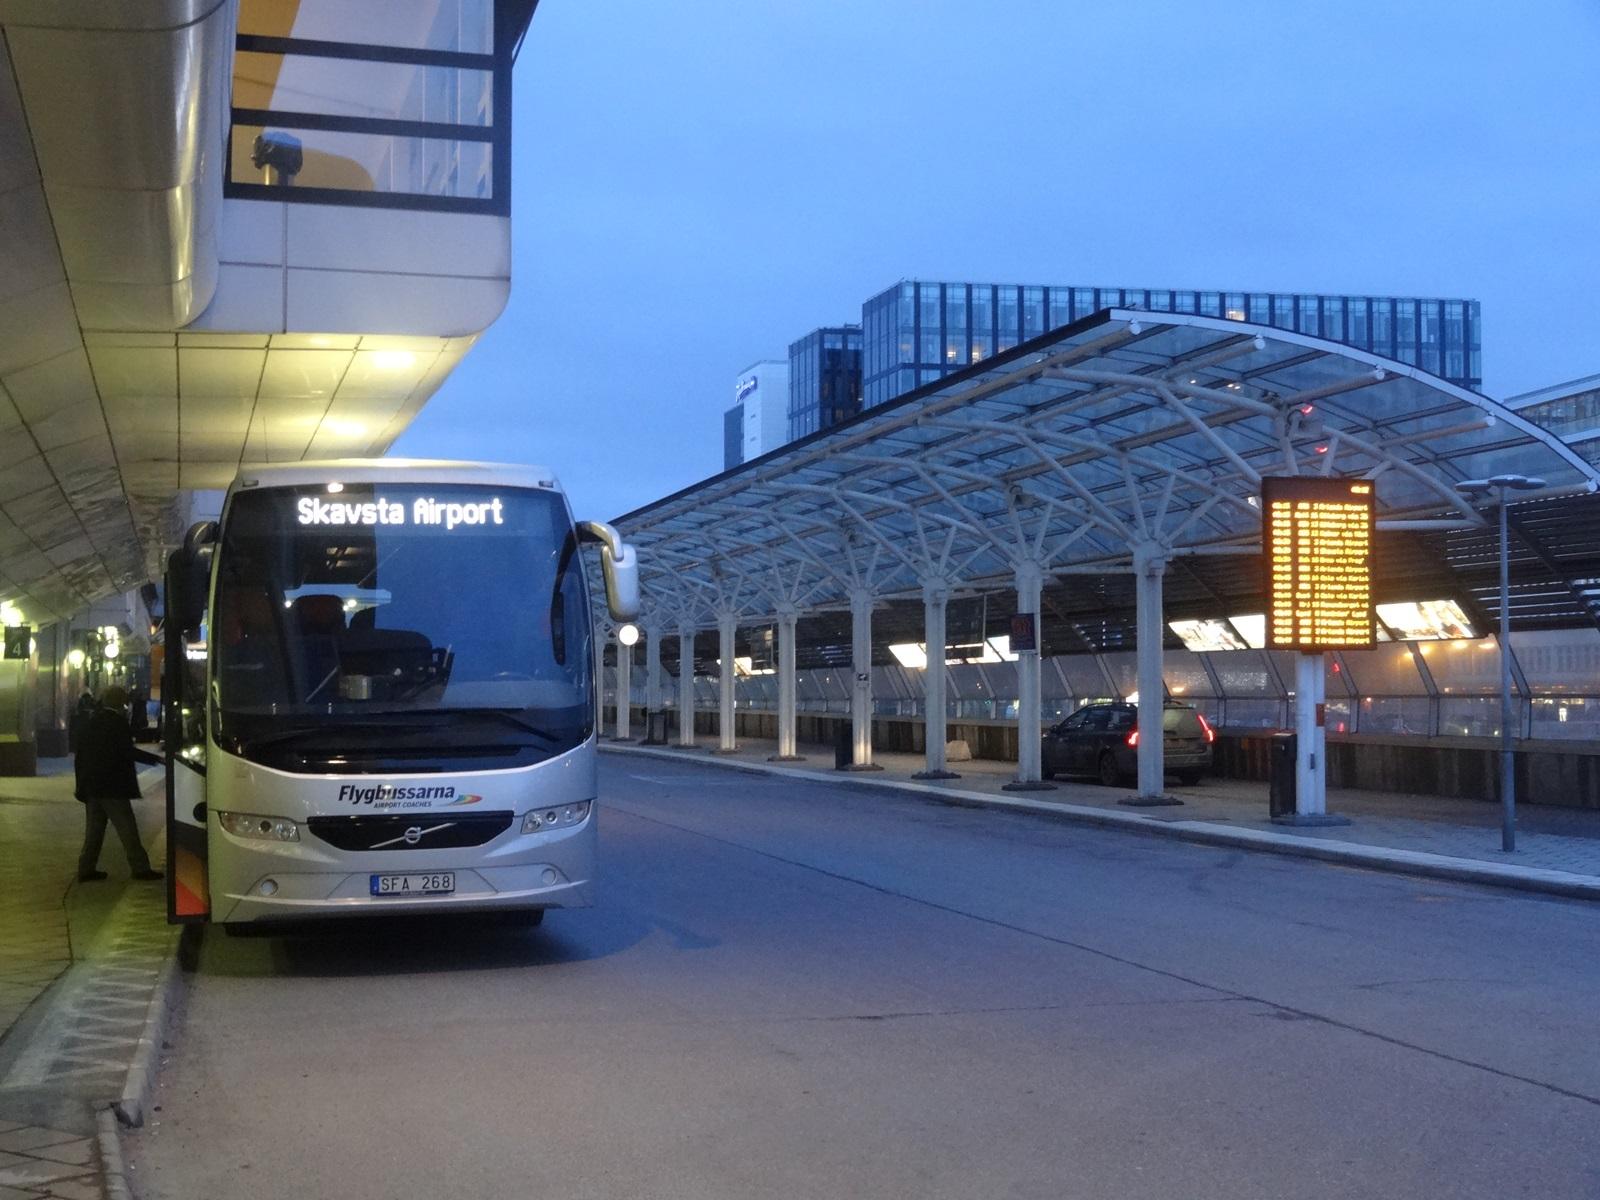 31 sztokholm przystanek Flygbussarna i hotel Radisson Blu Waterfront